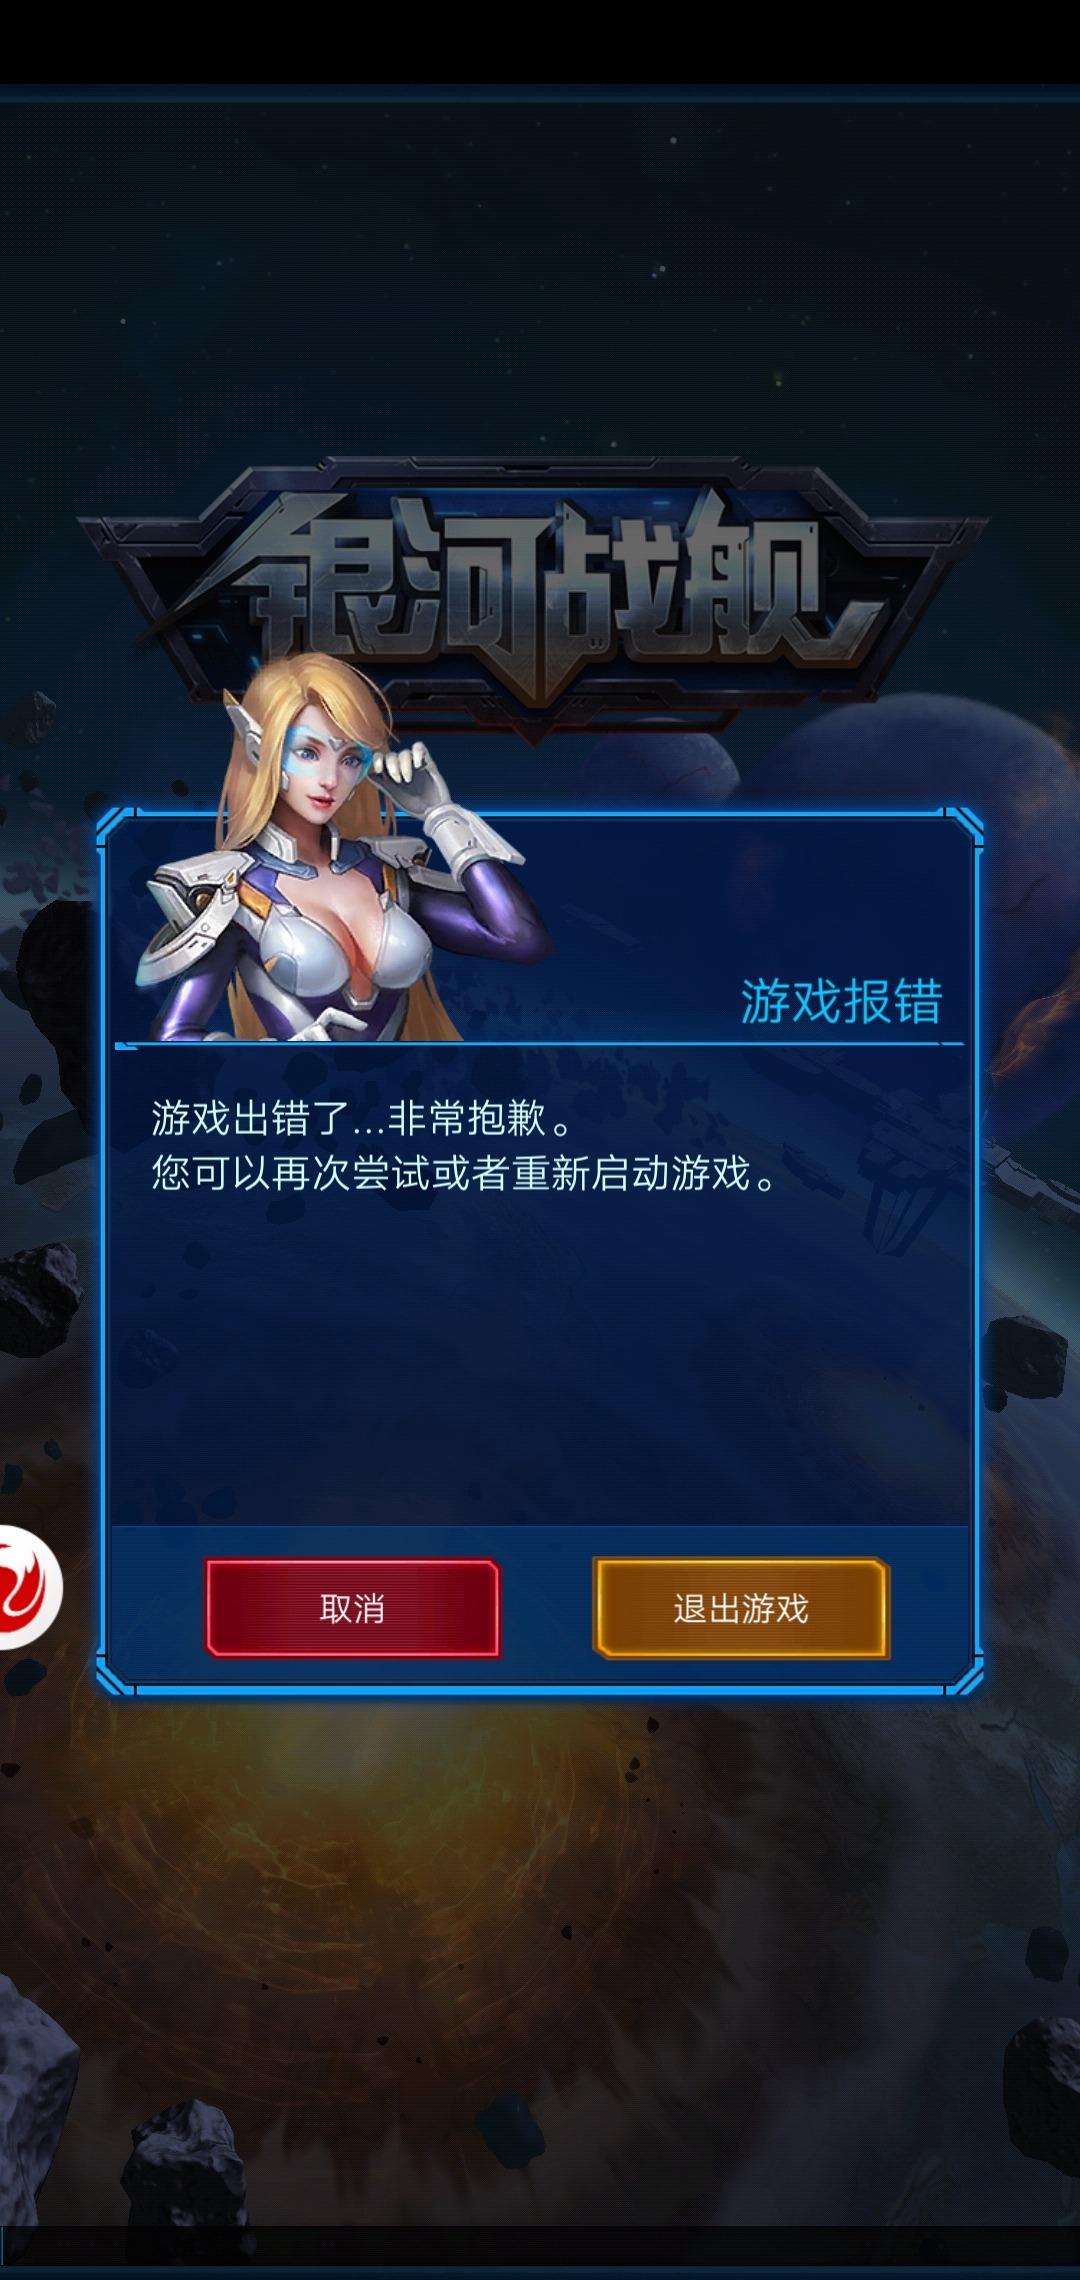 Screenshot_20190601_000850.jpg